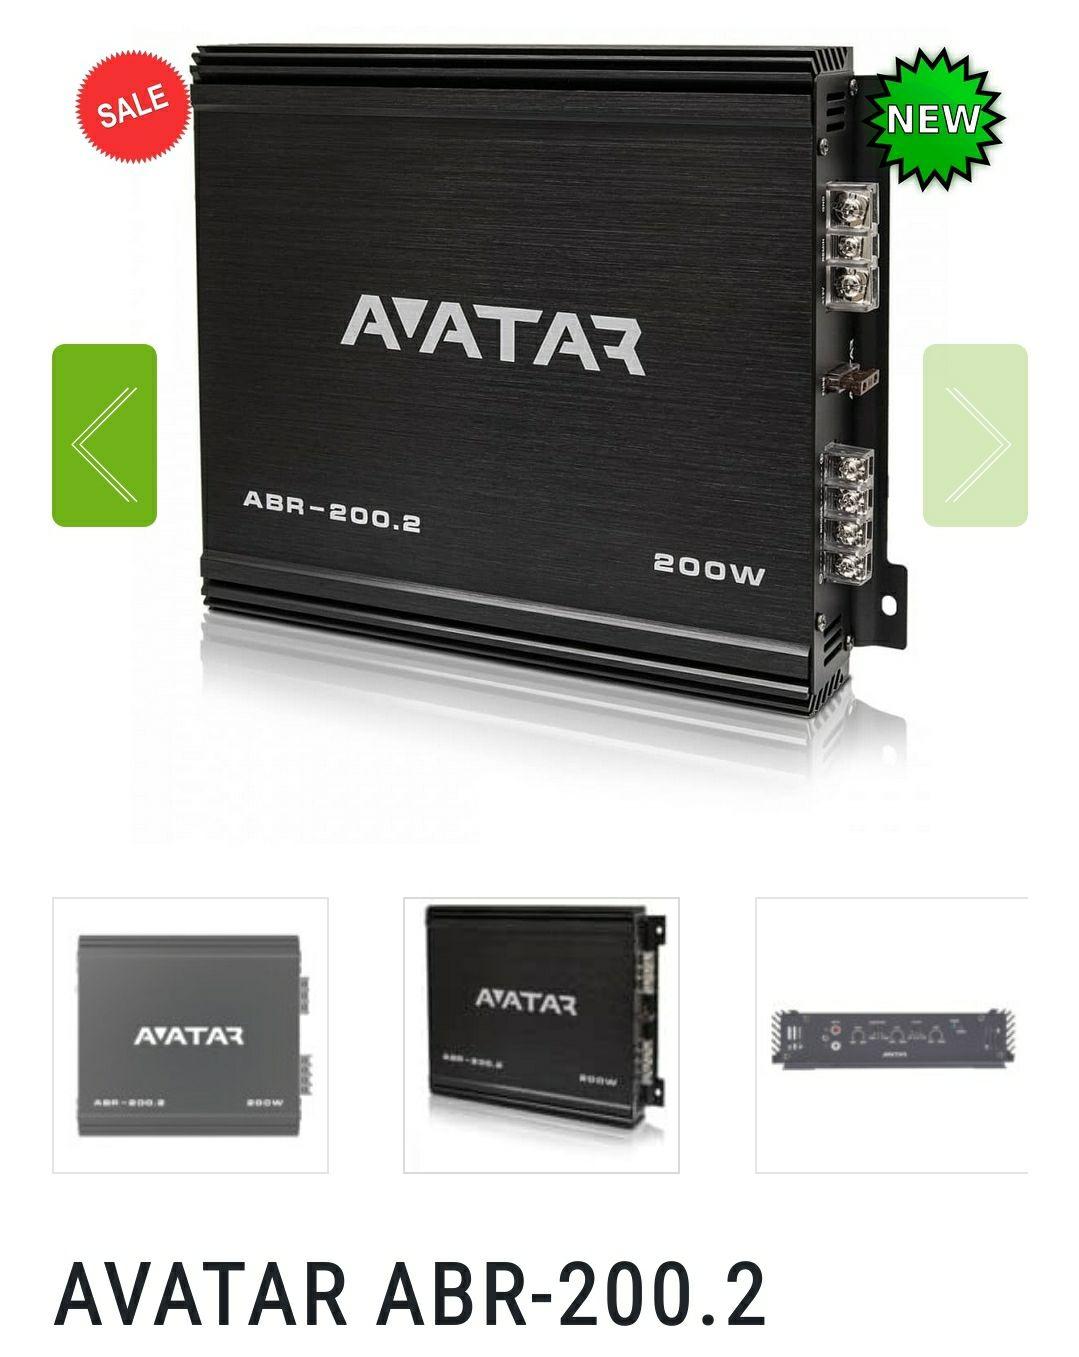 Wzmacniacz Avatar ABR-200.2